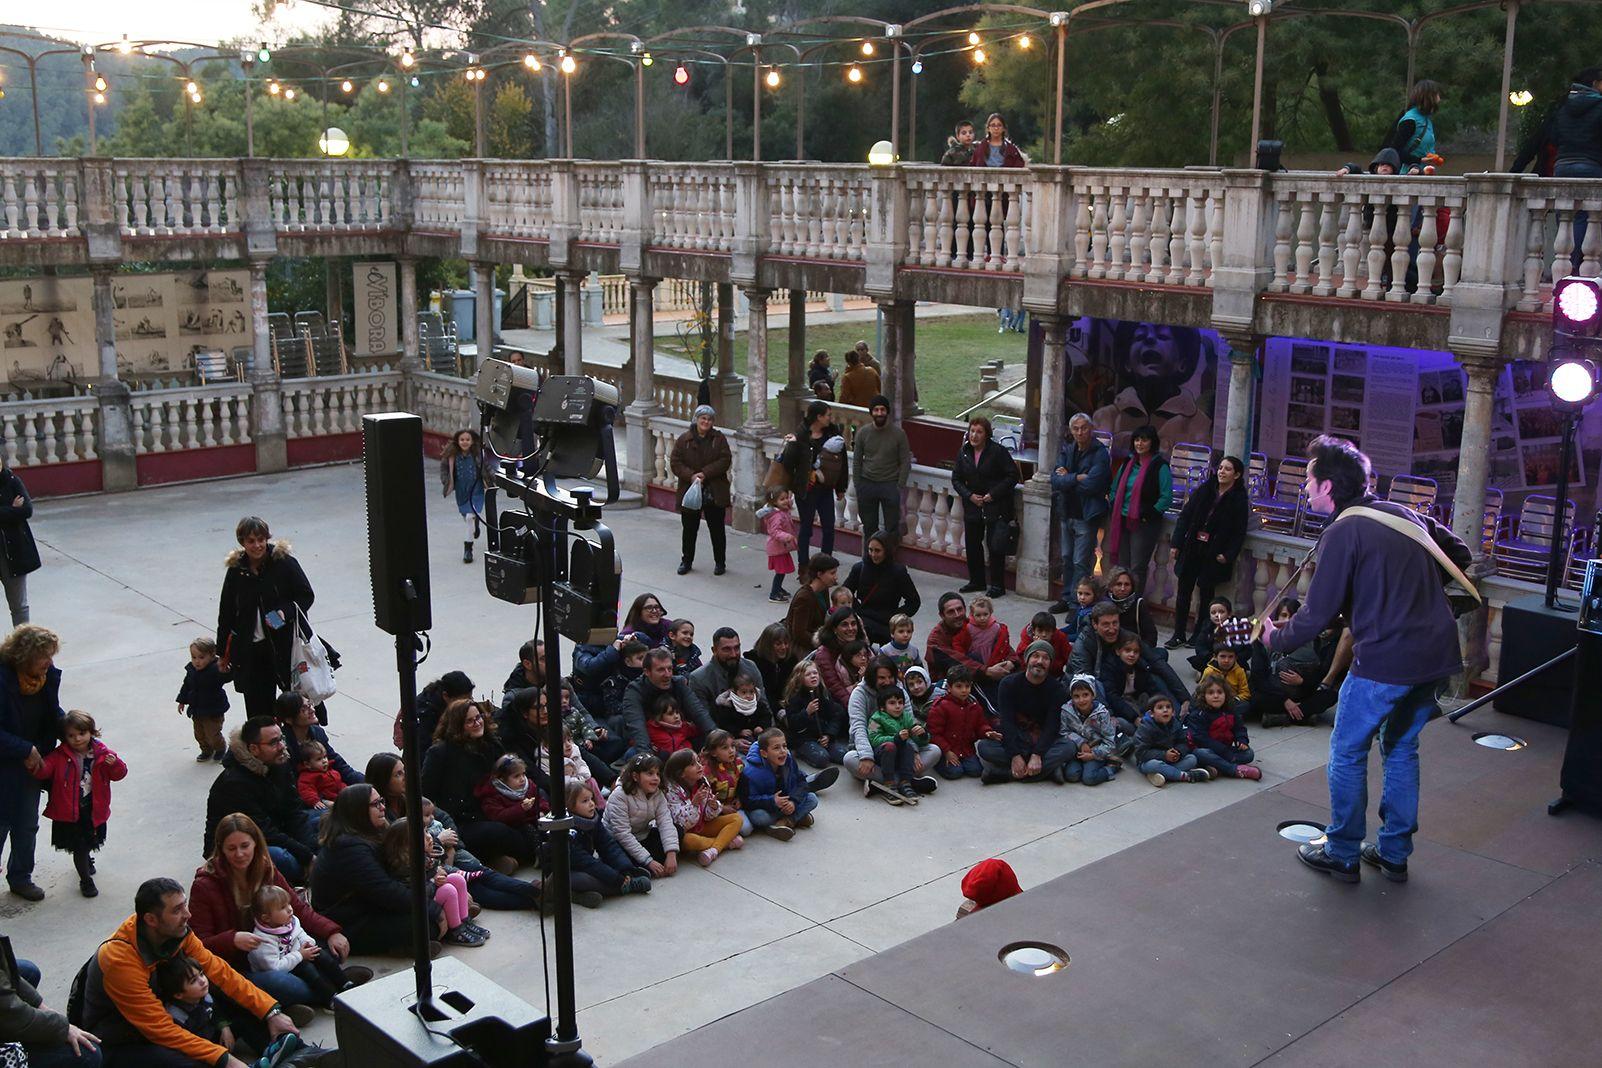 Espectacle per al caga tió a La Floresta. FOTO: Anna Bassa